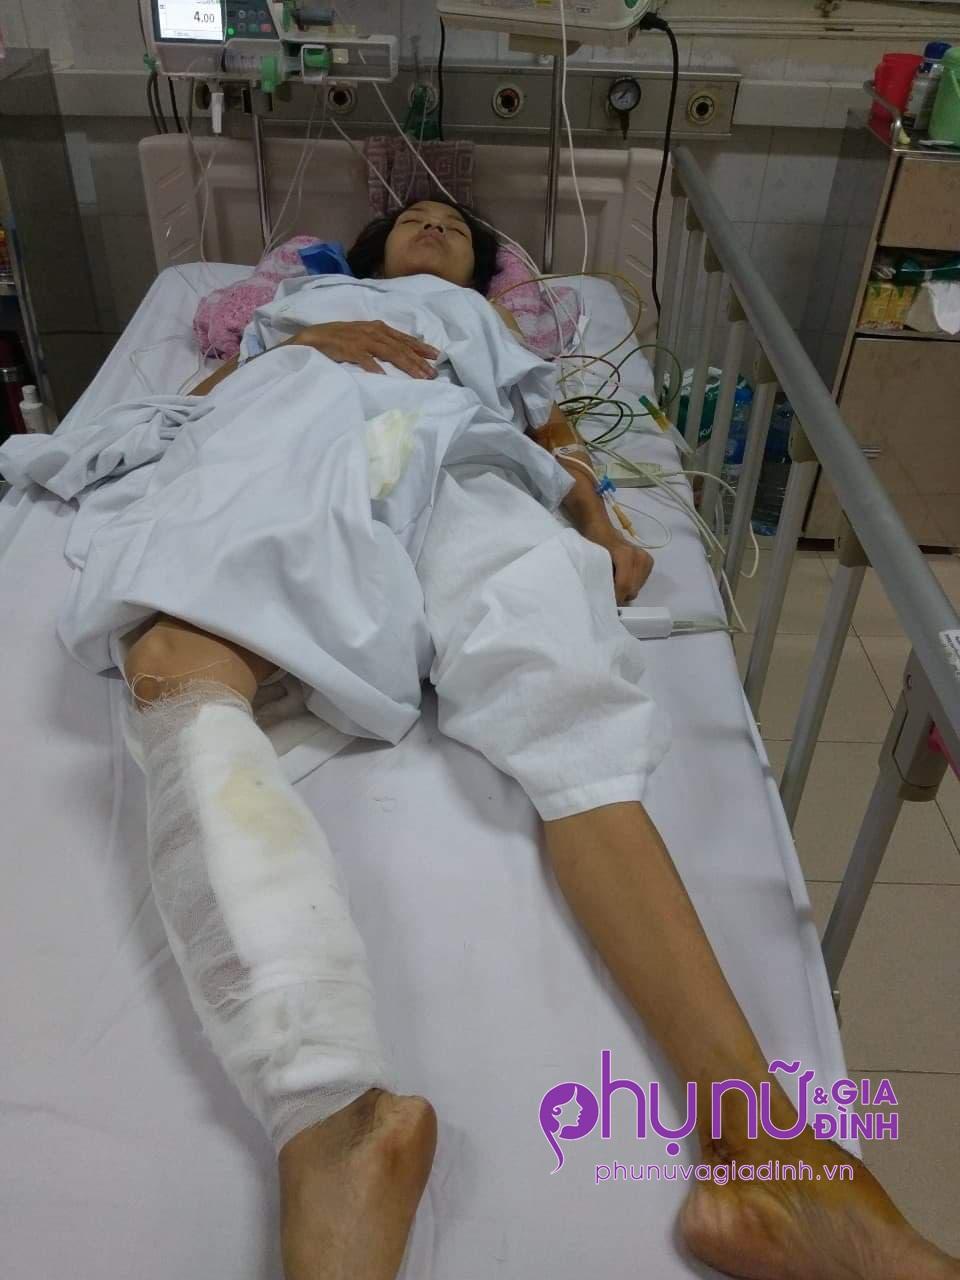 Mẹ giành giật sự sống trong bệnh viện, 3 đứa trẻ bơ vơ hàng ngày đứng đầu ngõ ngóng đợi vì mong nhớ - Ảnh 4